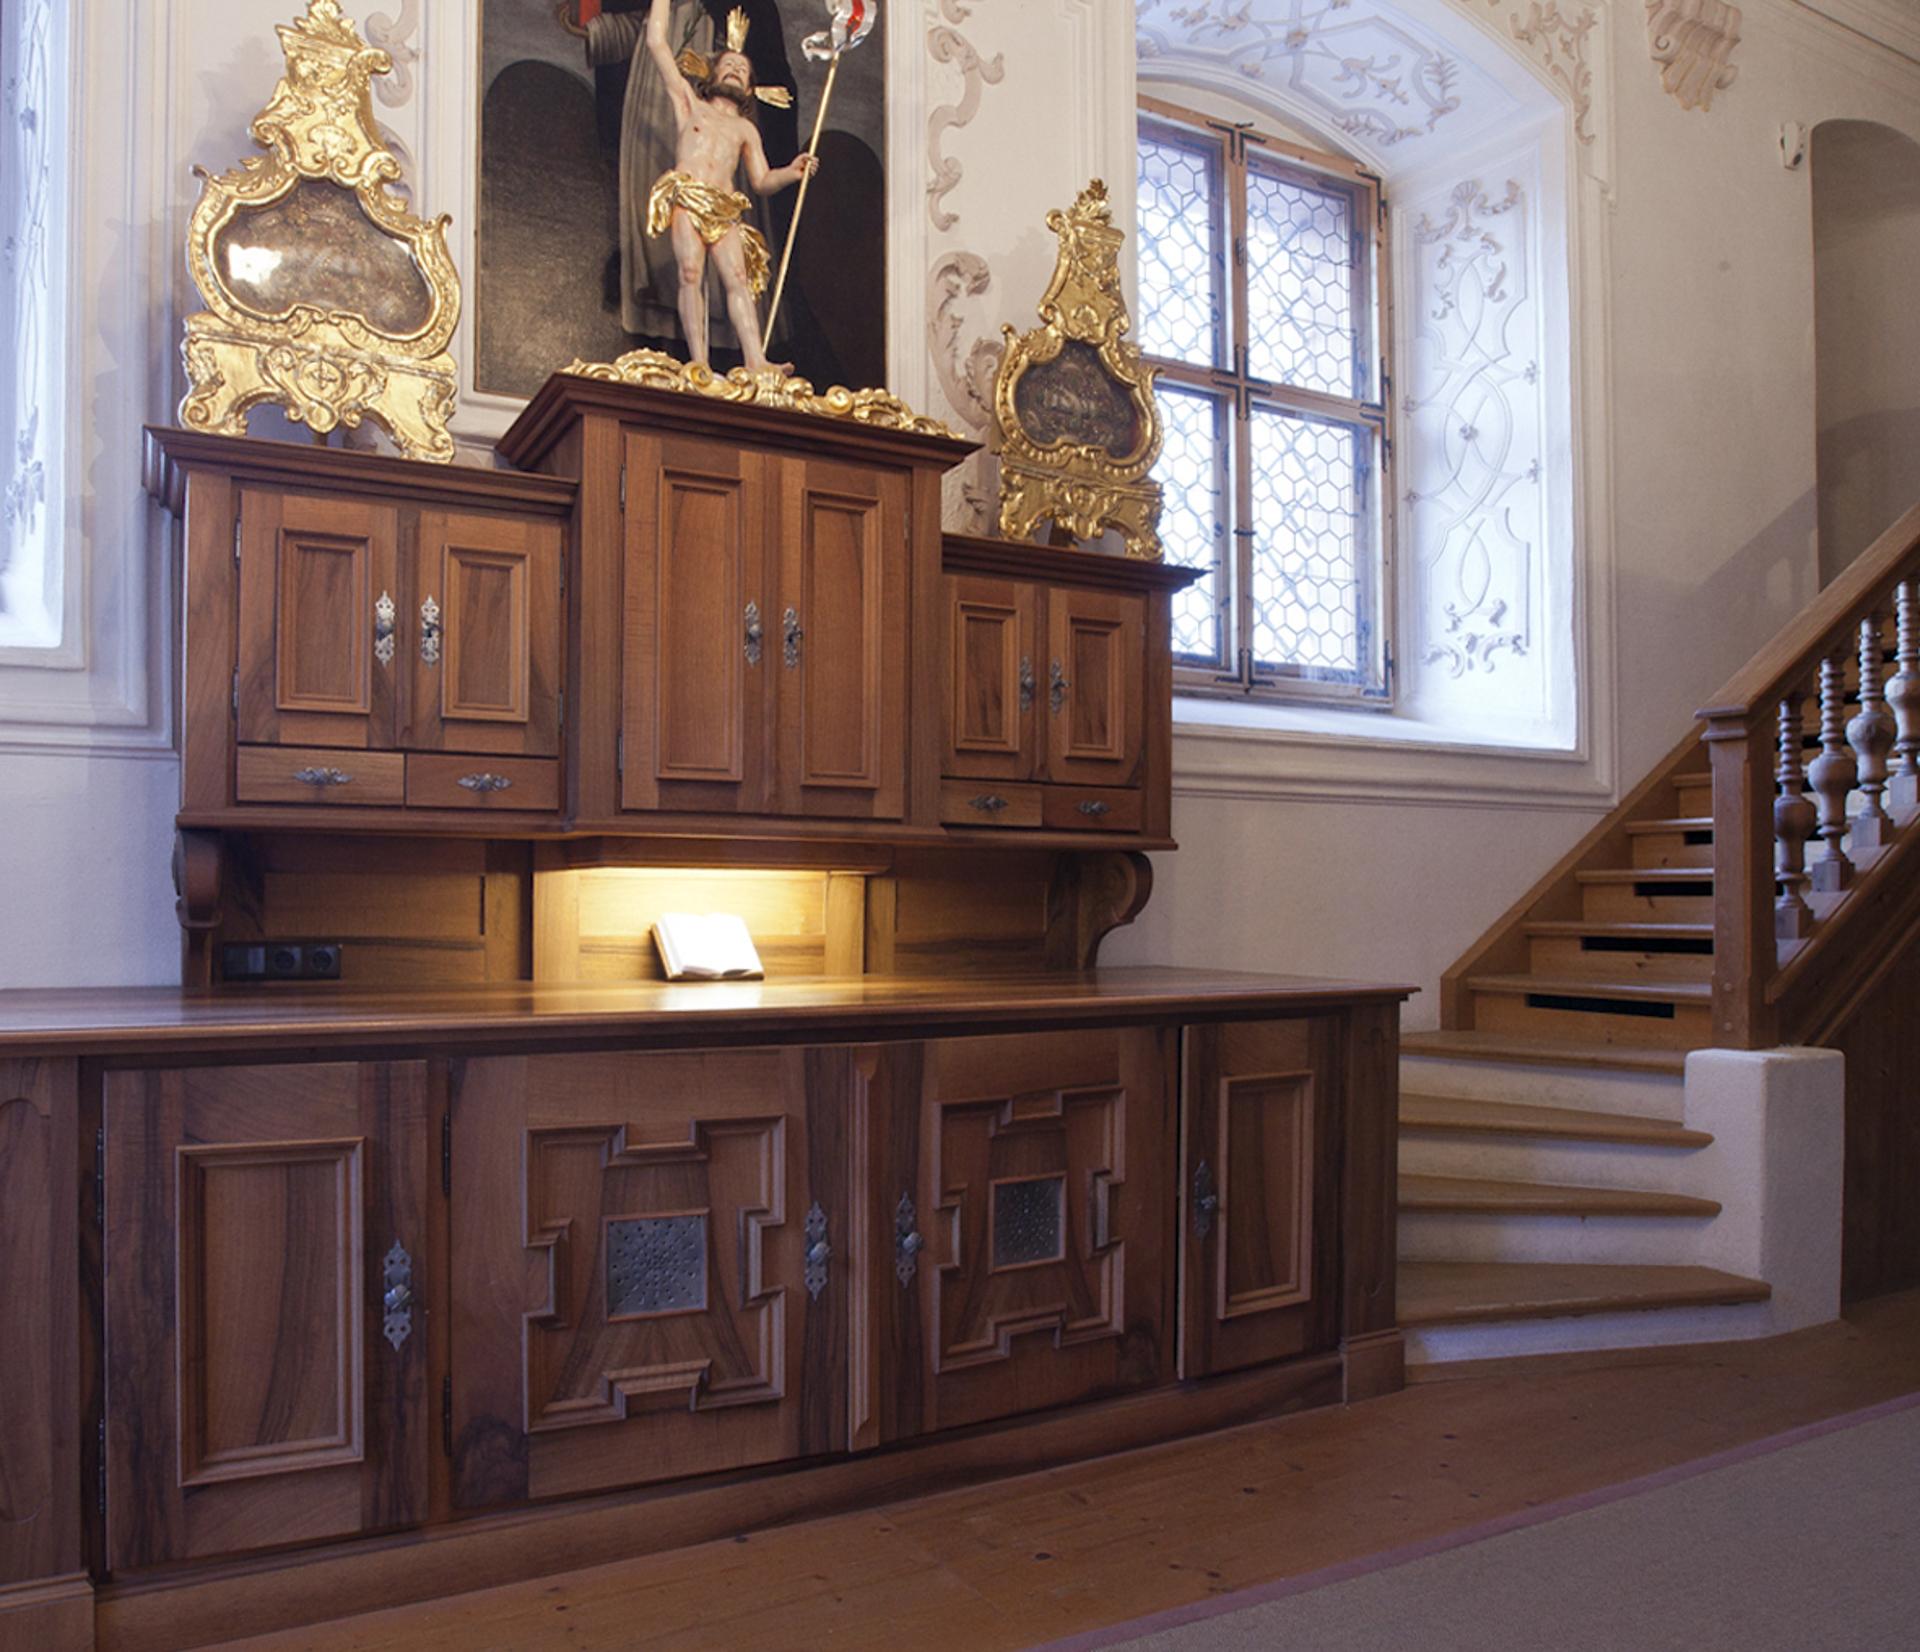 tischlerei-decker-basilika-mariathal-sakristei-kredenz